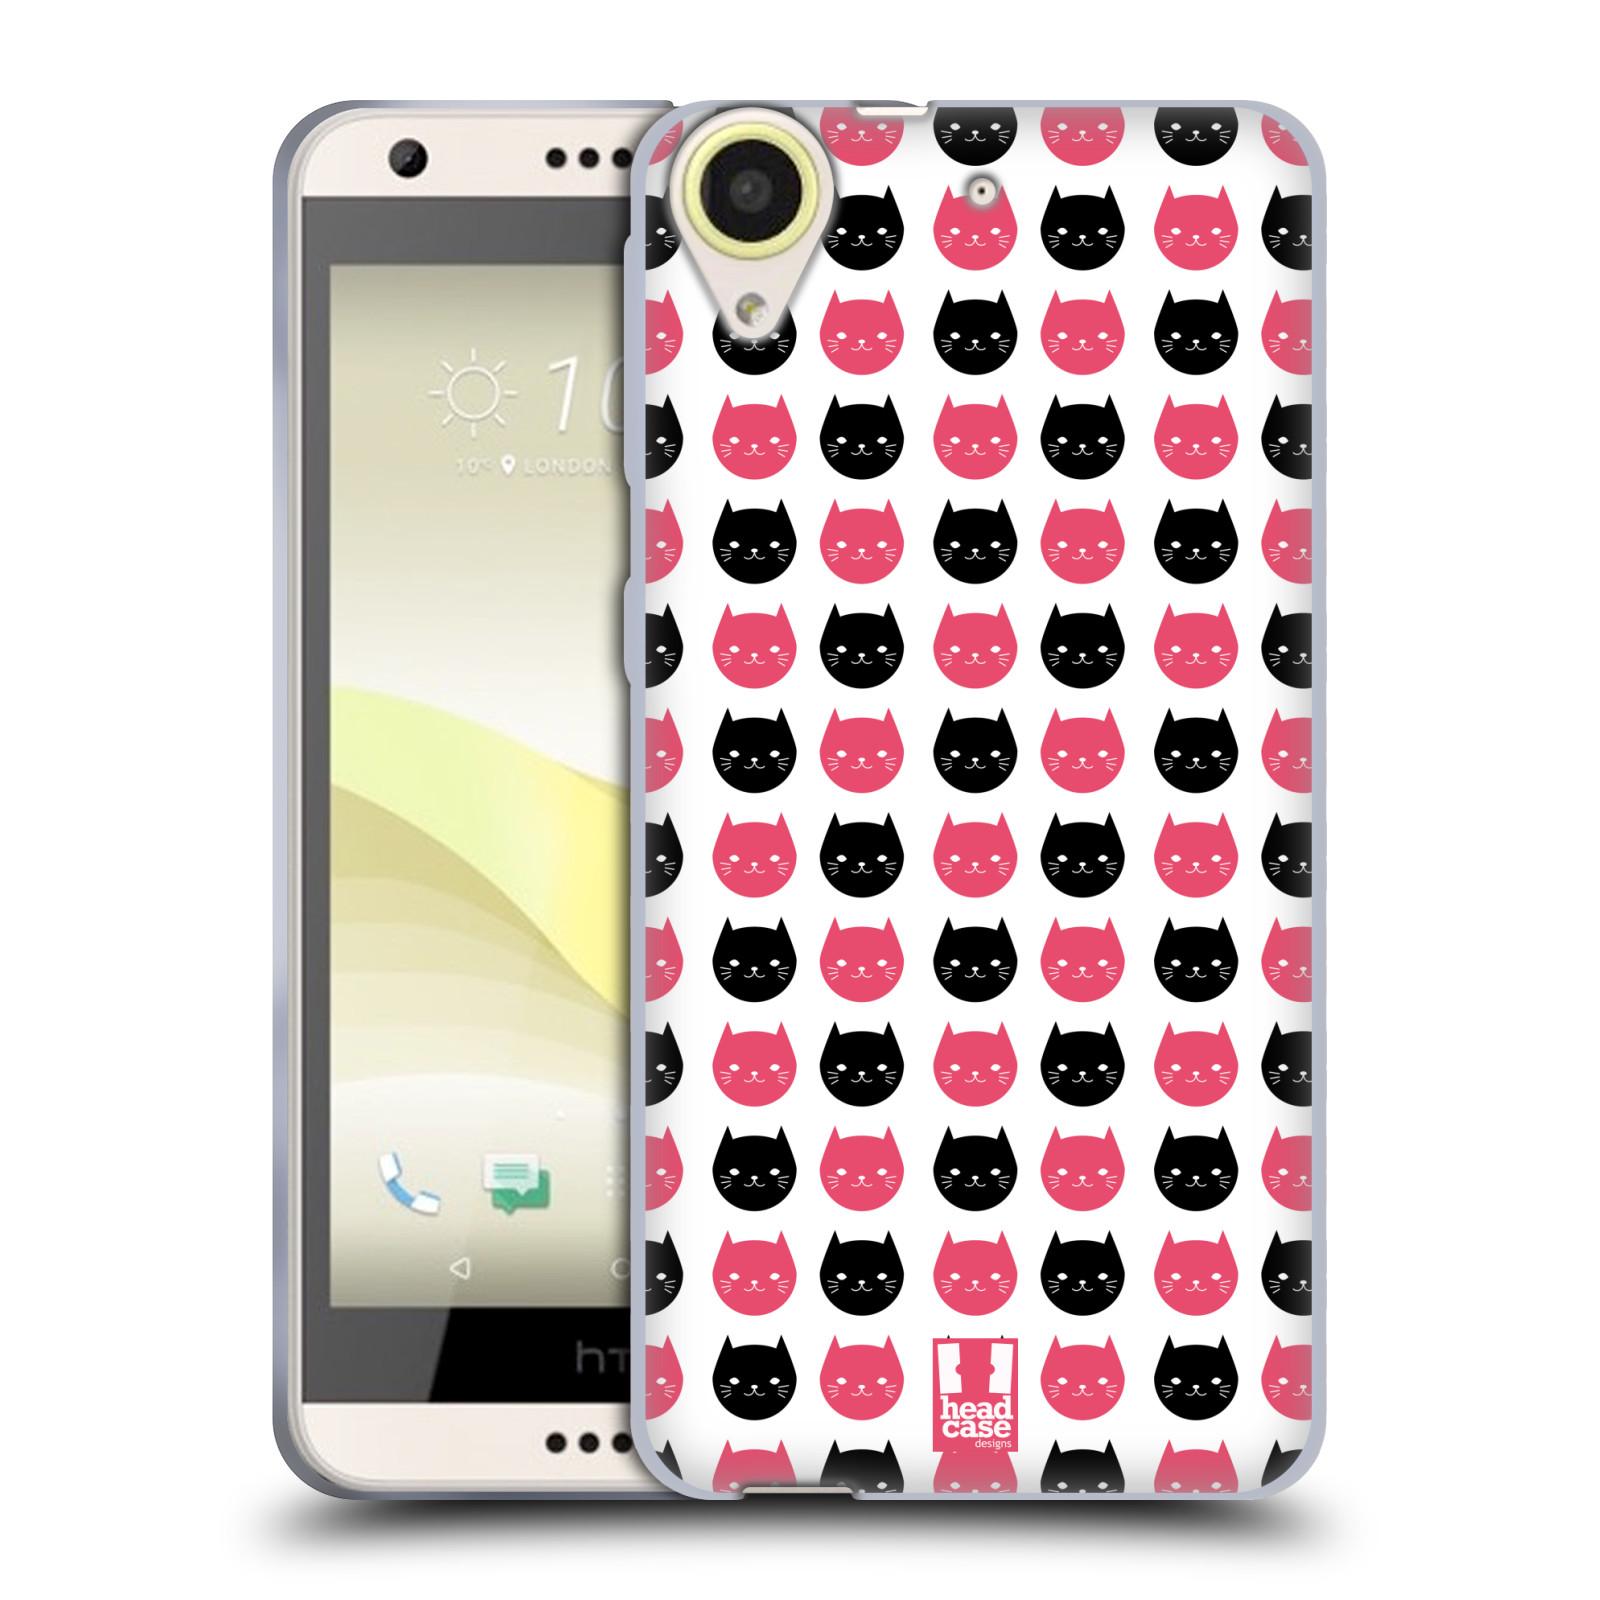 Silikonové pouzdro na mobil HTC Desire 650 HEAD CASE KOČKY Black and Pink (Silikonový kryt či obal na mobilní telefon HTC Desire 650)